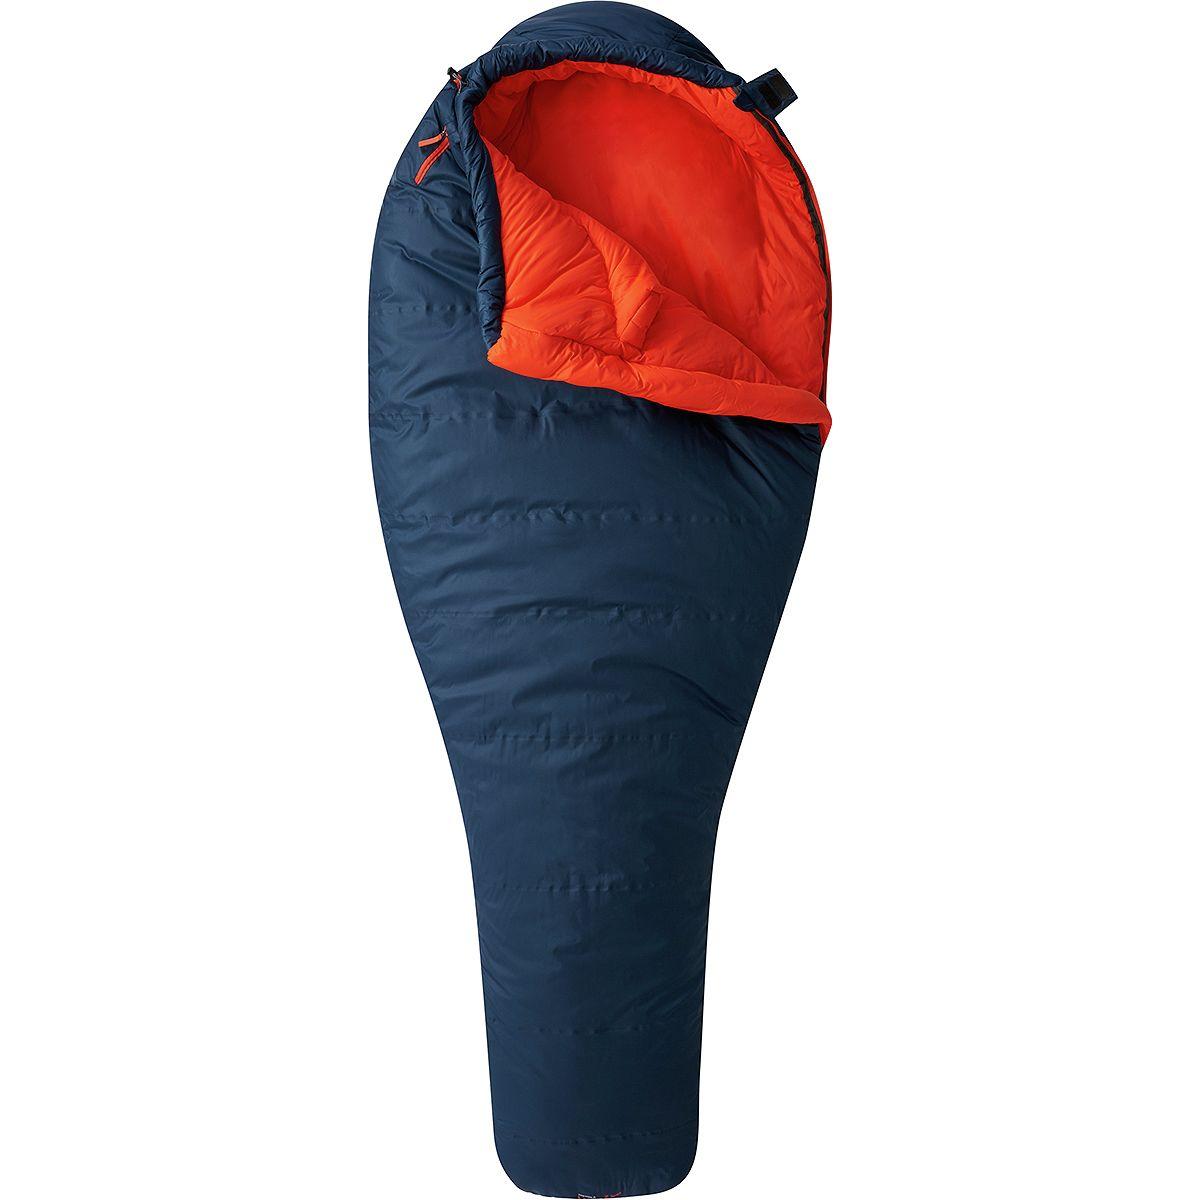 Mountain Hardwear Laminina Z Sleeping Bag: 0 Degree Synthetic - Women's Blue Spruce, Long/Left Zip